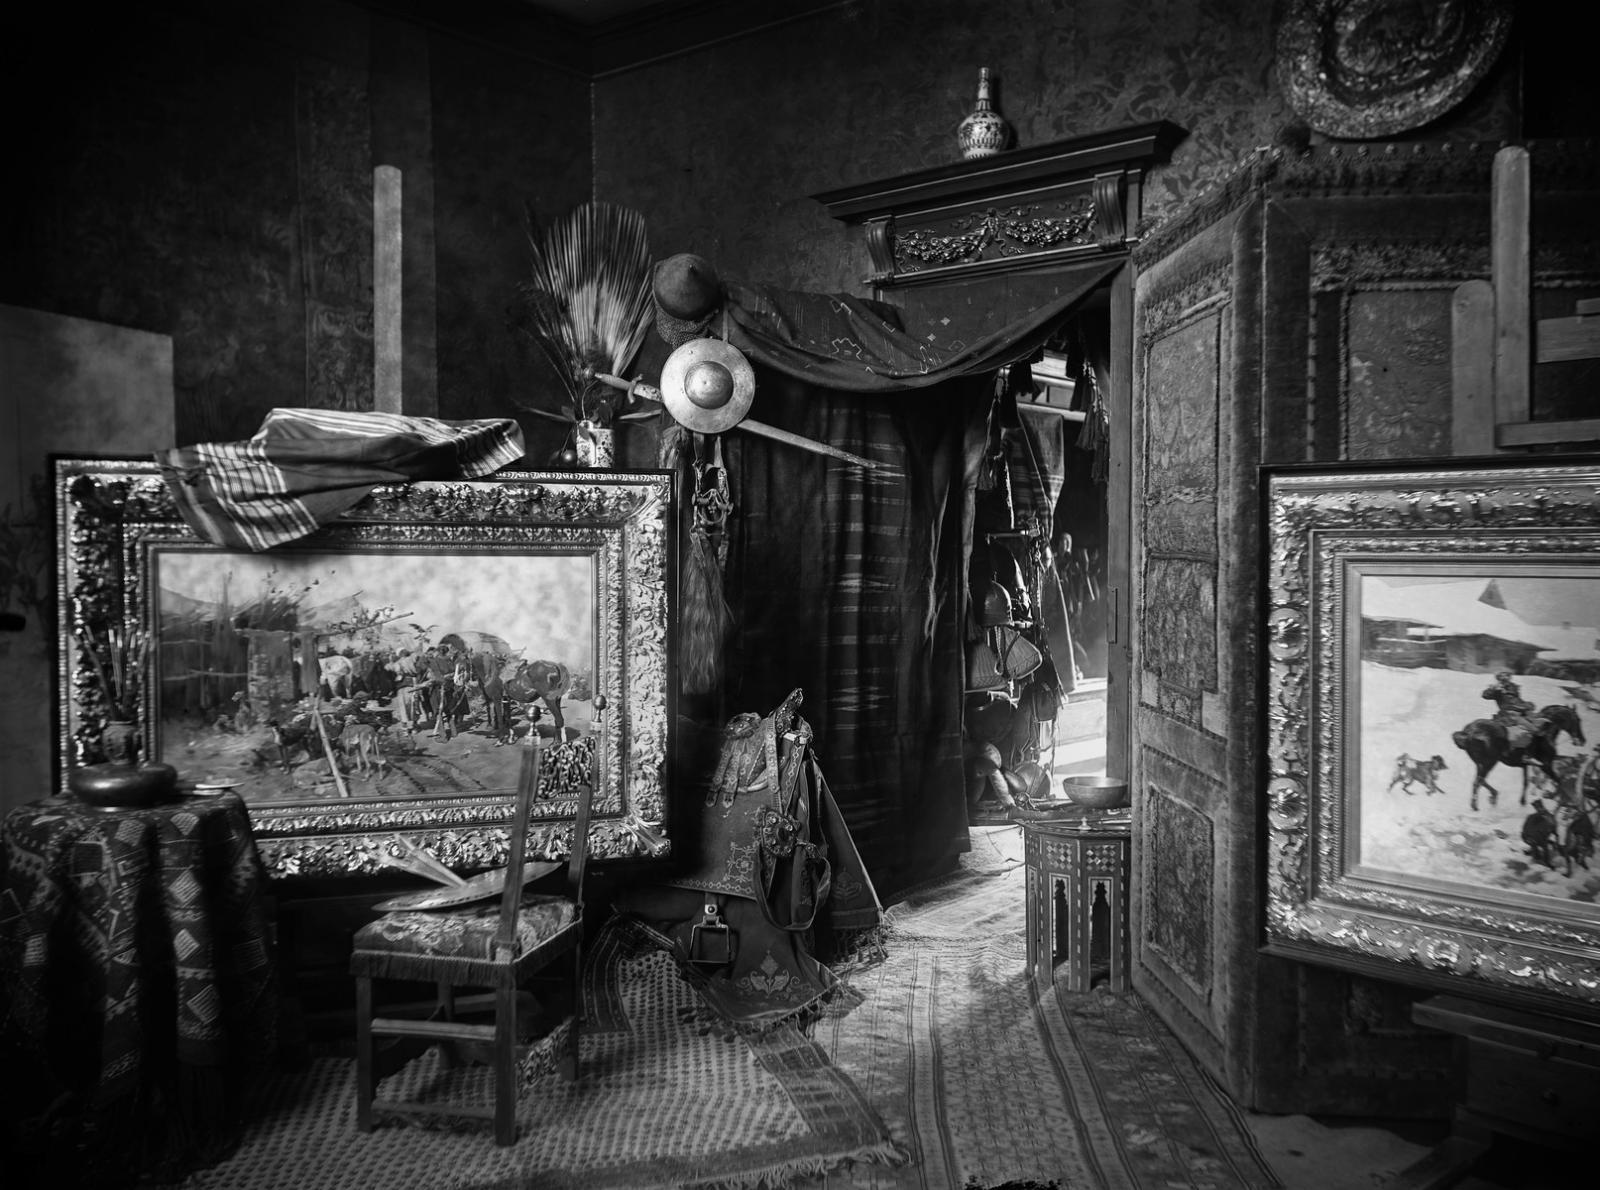 Fotografia Carla Teufela z 1889 roku, atelier Józefa Brandta w Monachium, źródło: Bildarchiv Foto Marburg